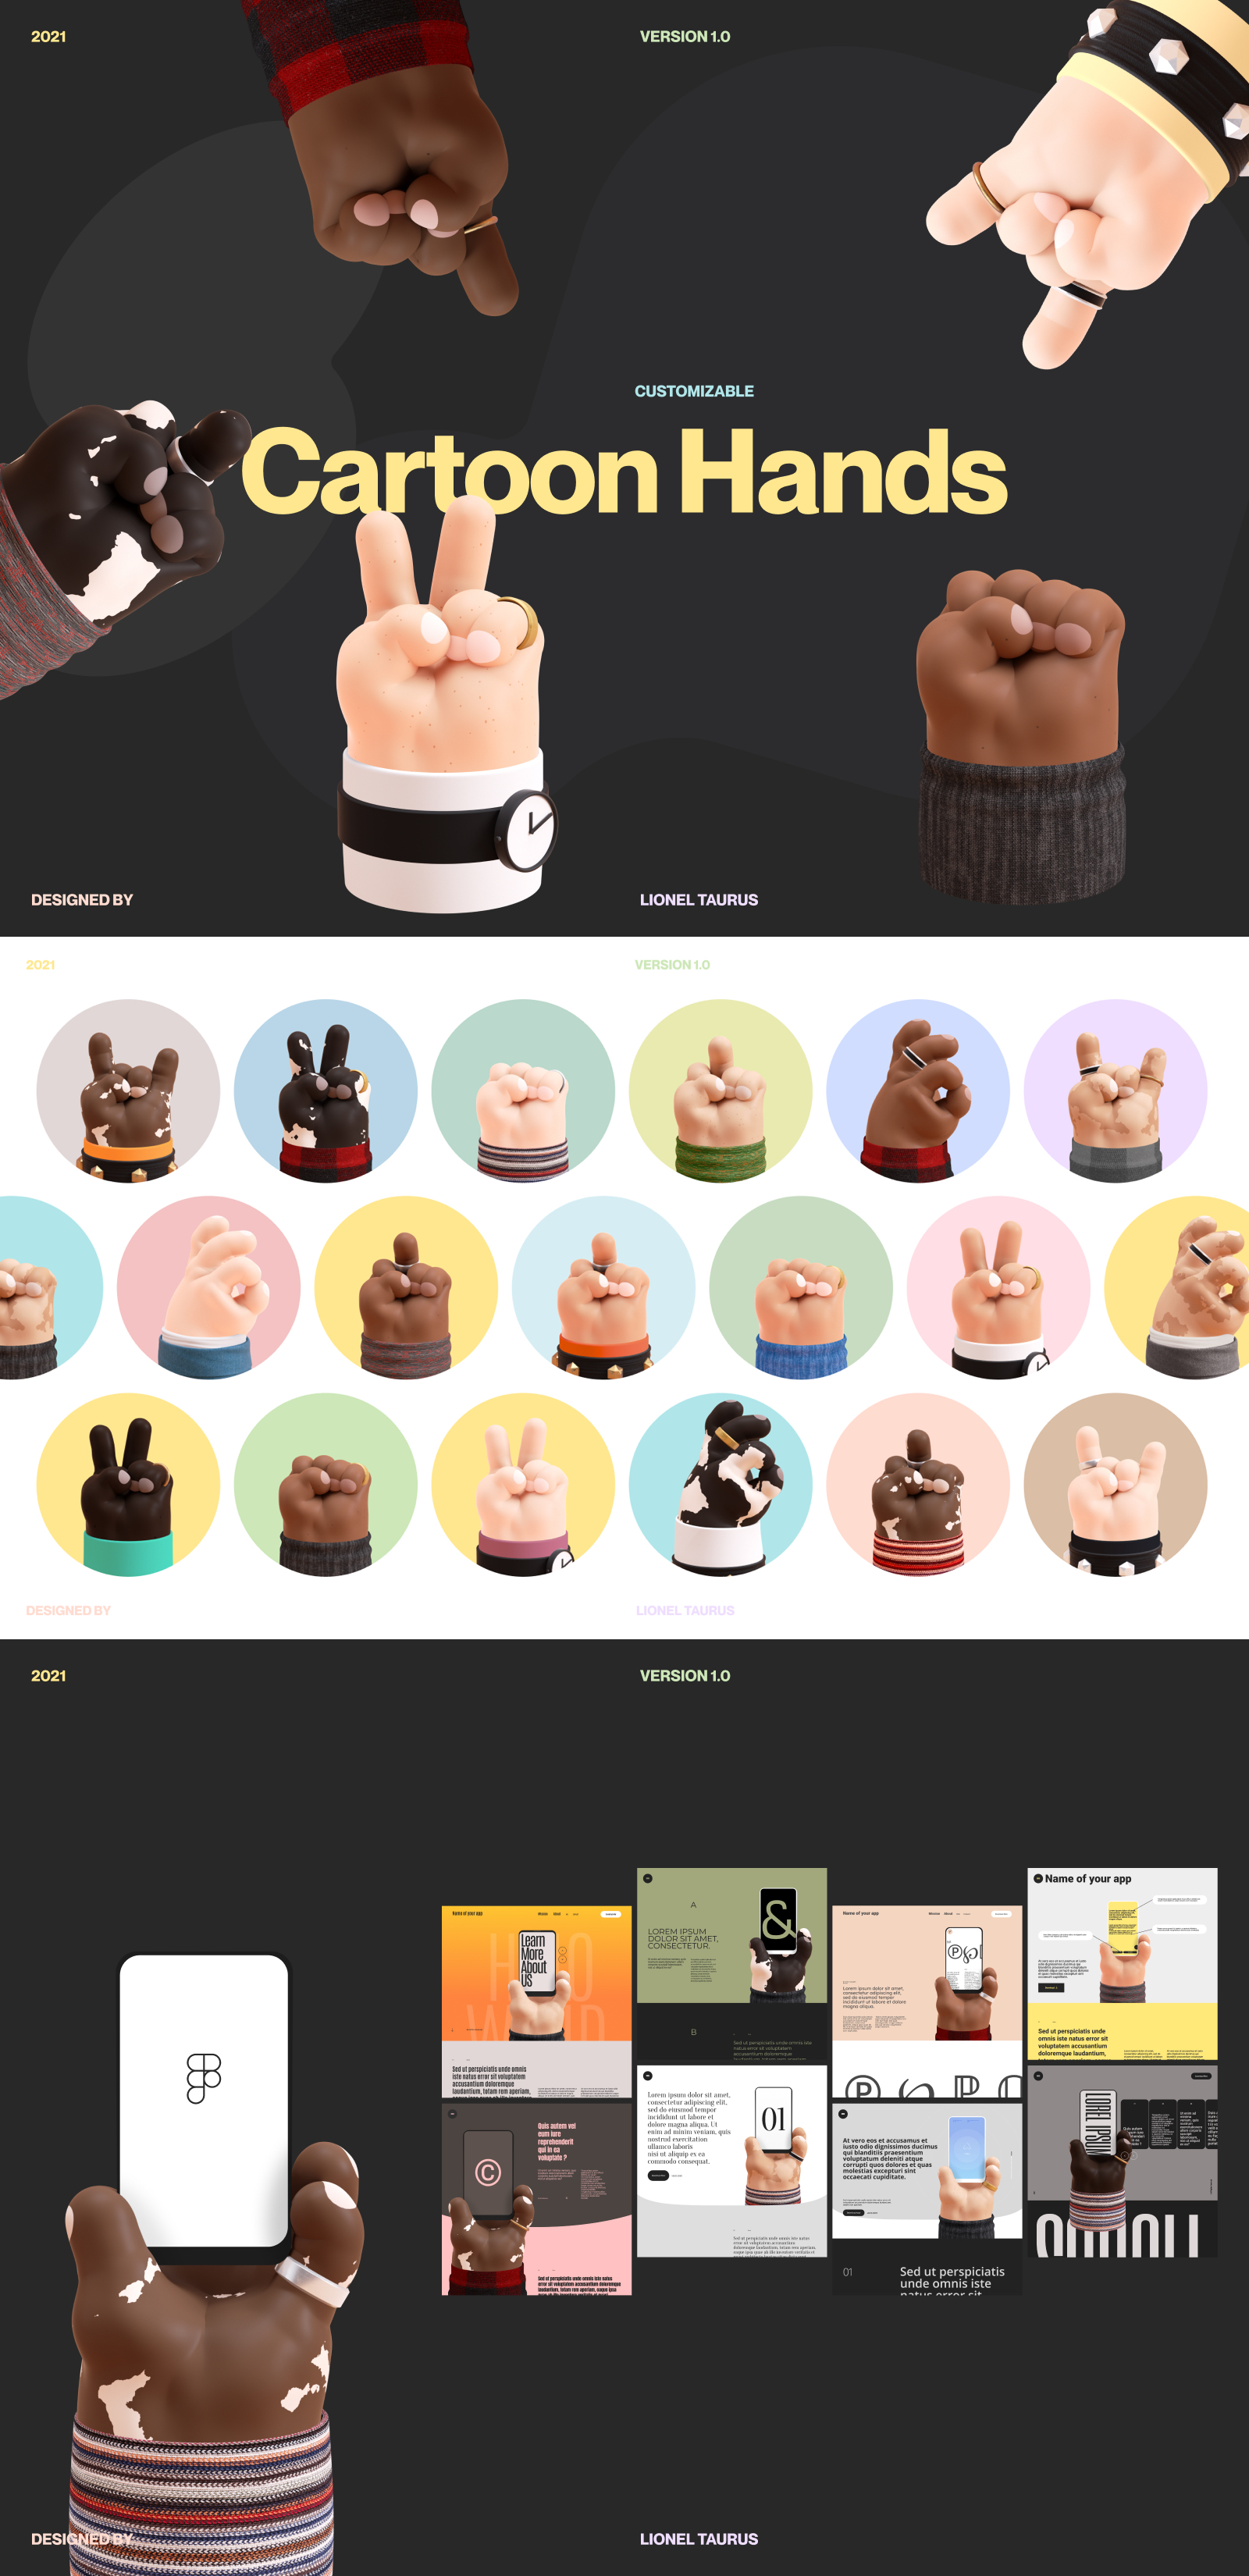 Figma 的免费 3D 卡通手模型 - 3D 卡通手的集合,手工制作,用于您的设计和插图! 手由组件制成,因此您可以制作自己的并创建变体。